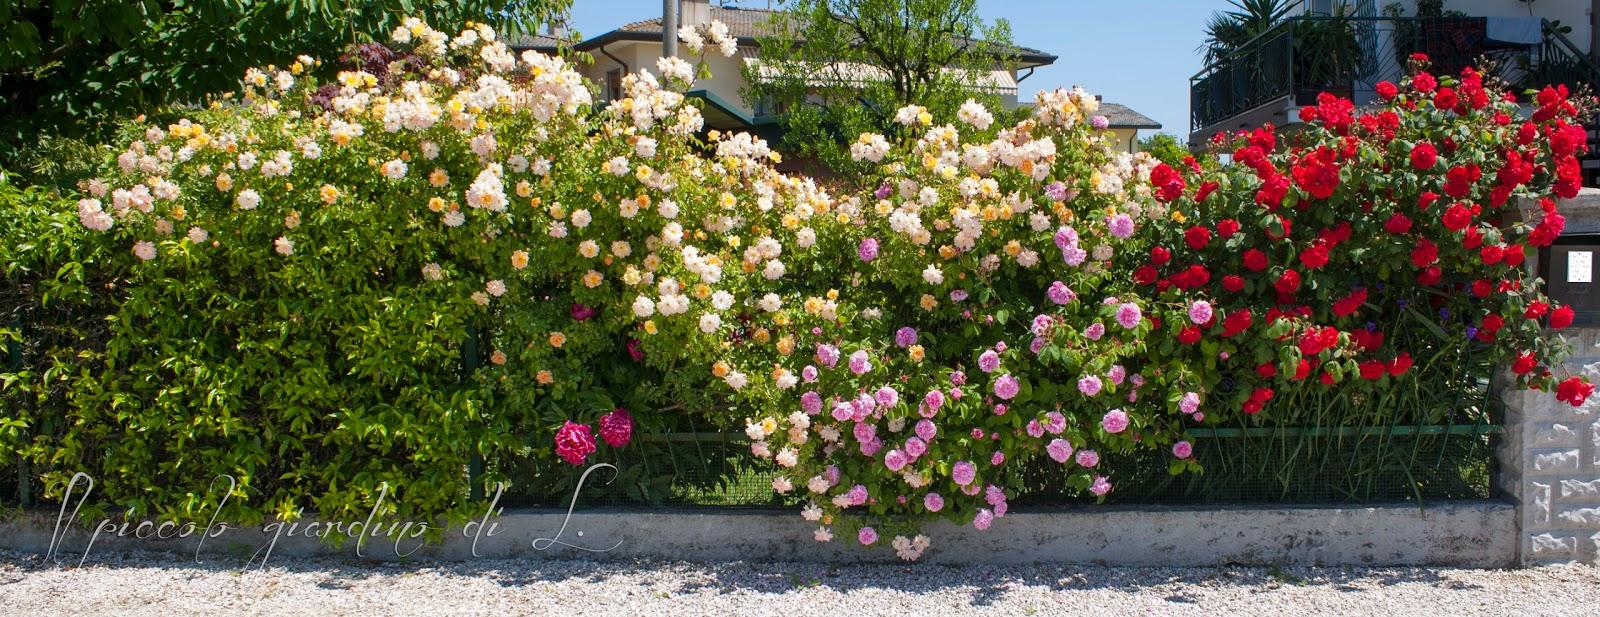 il piccolo giardino di l.: la siepe di rose - Siepe Da Giardino Piccolo